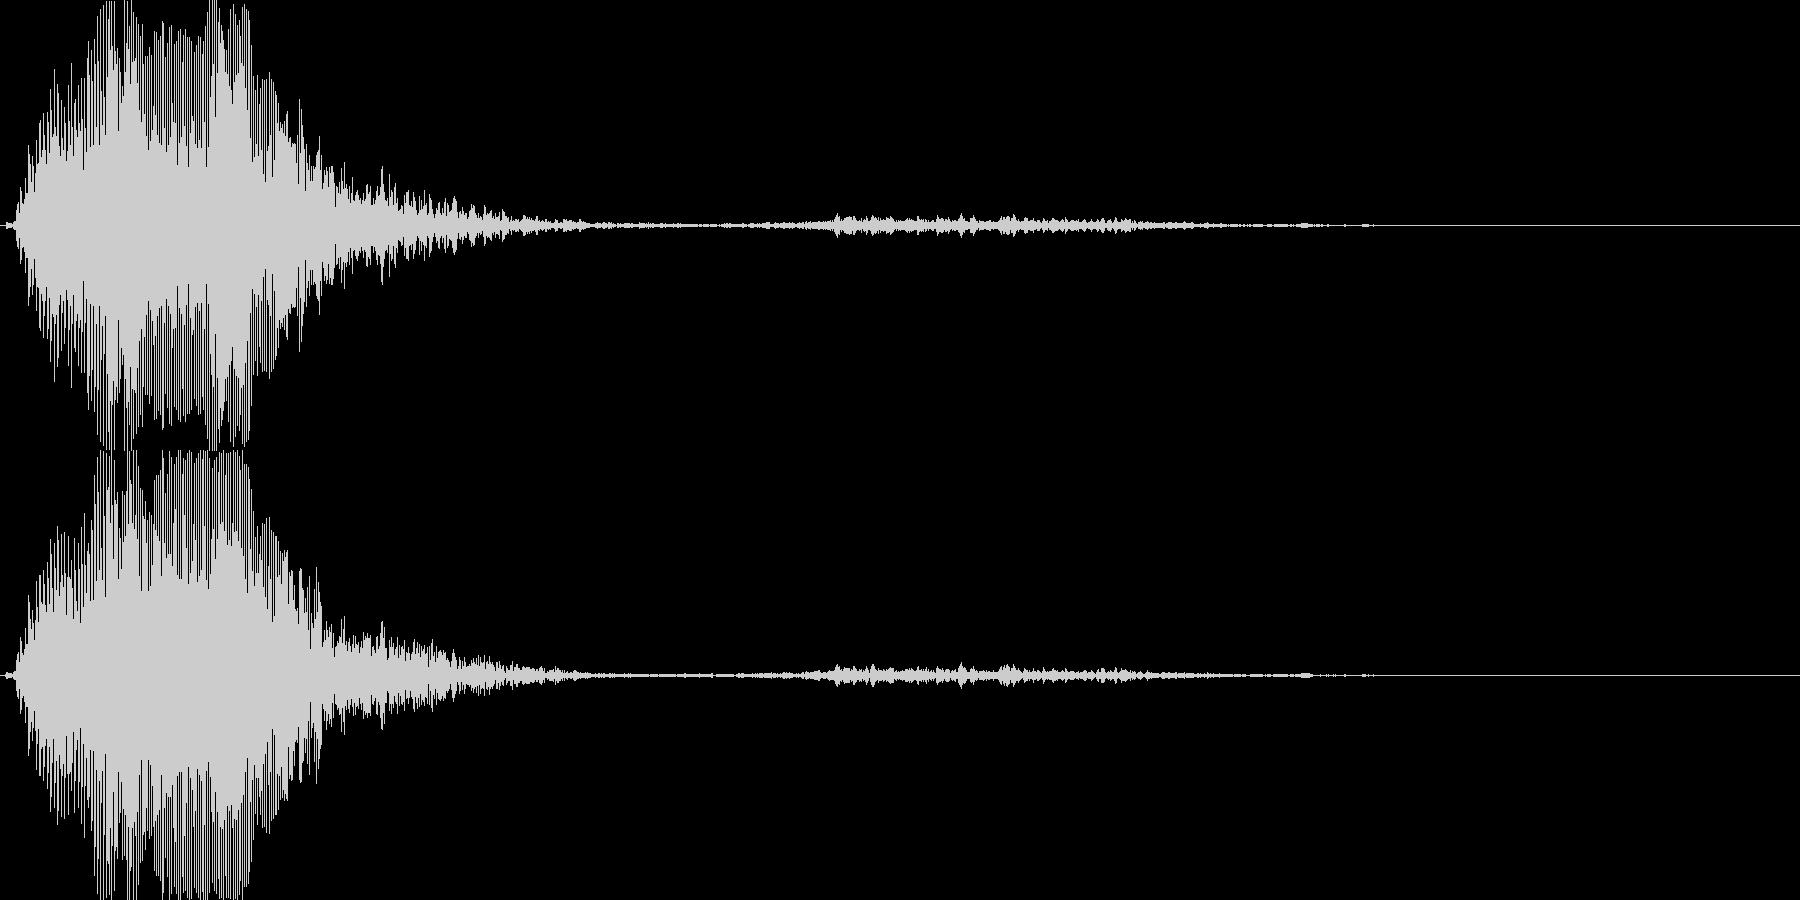 バラエティー向けの女性ボイス 2の未再生の波形